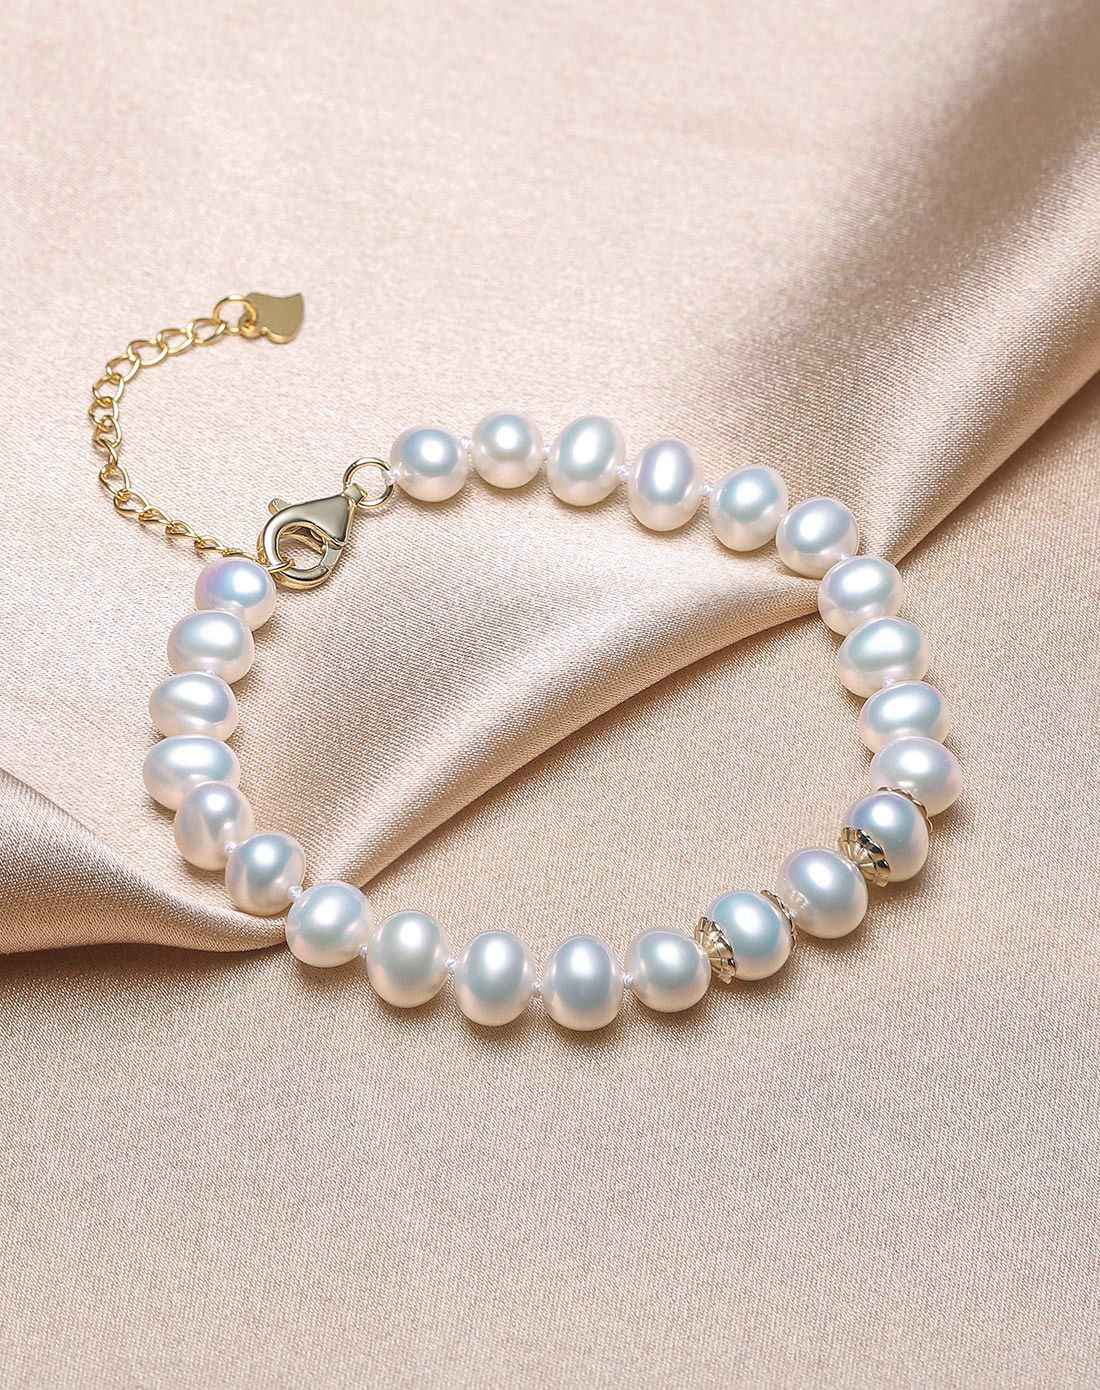 北海珍珠手鏈批發   6mm天然淡水珍珠手鏈  時尚飾品